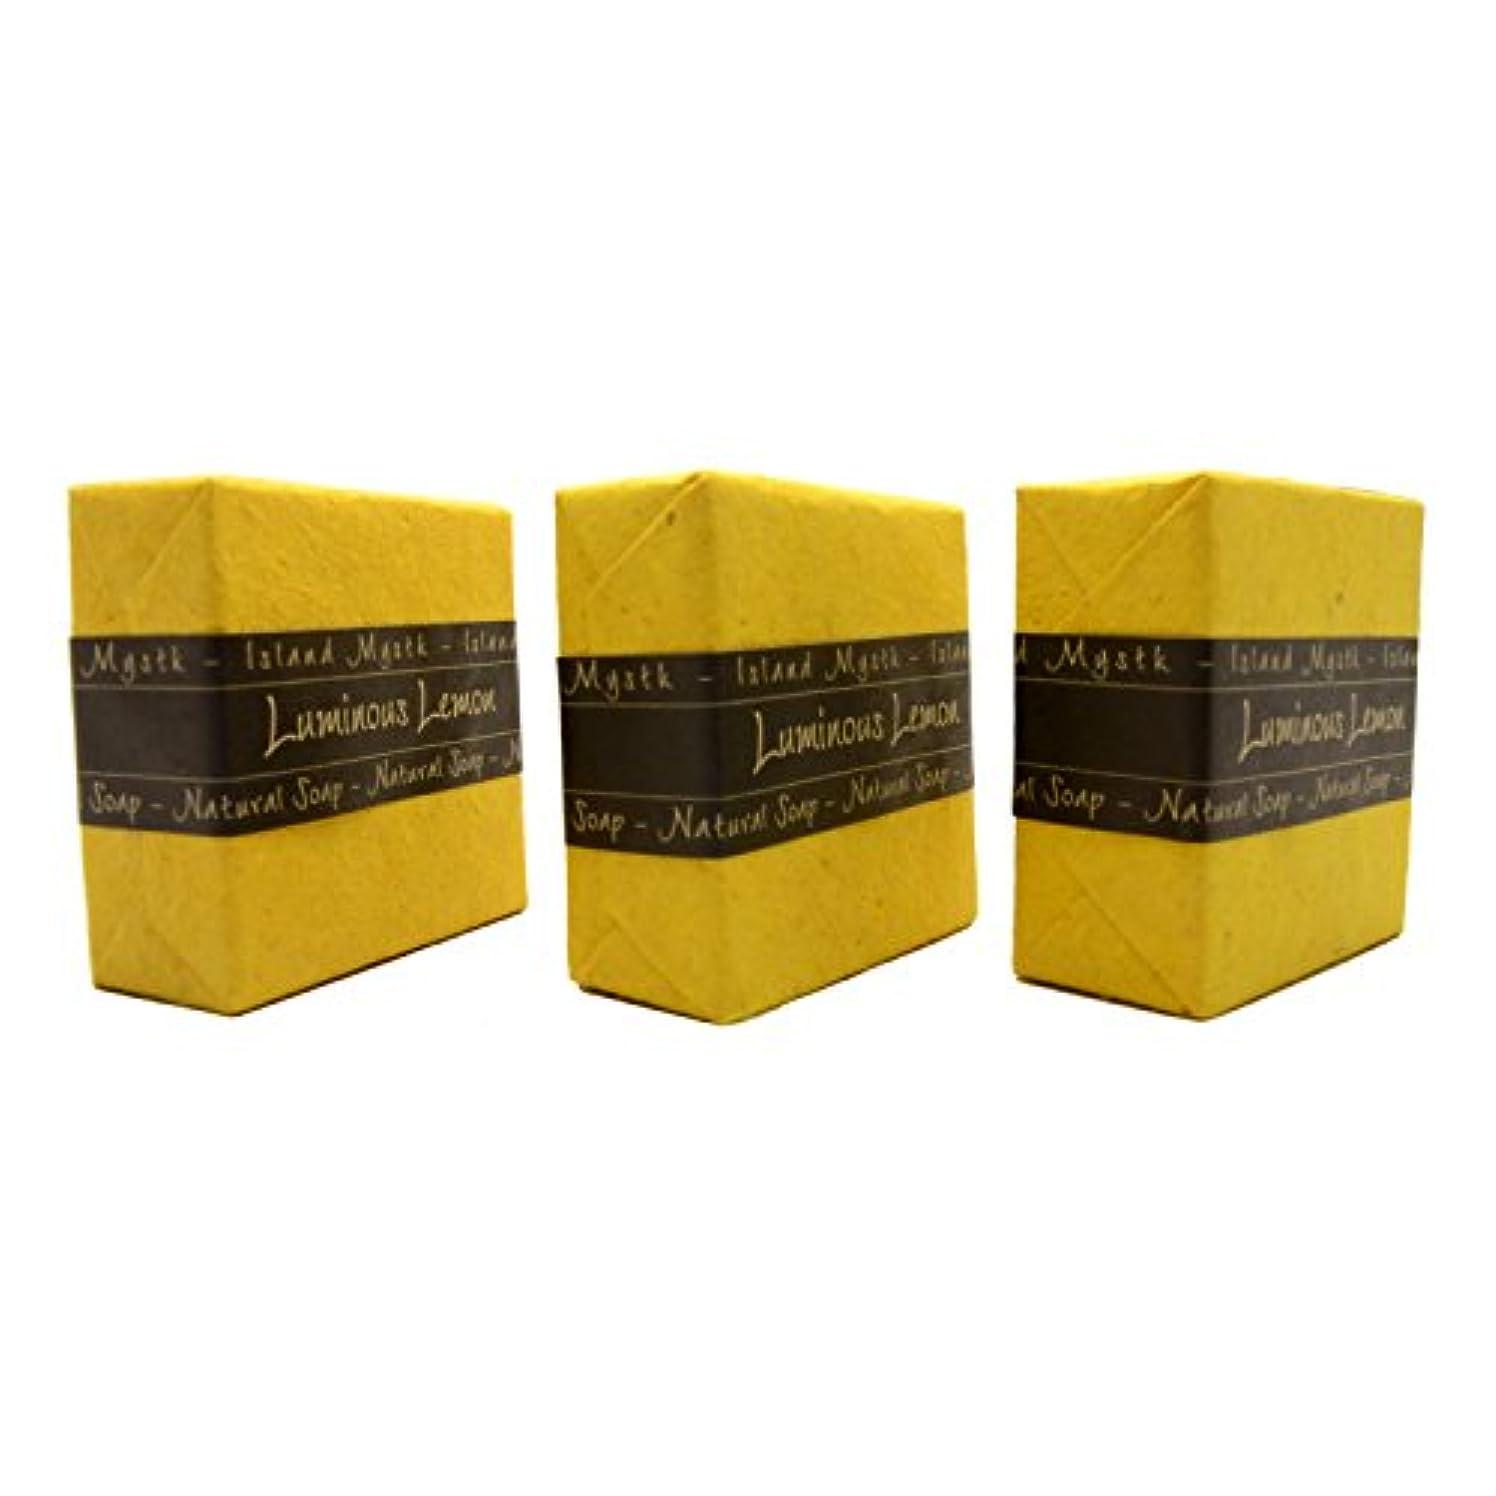 首同化する運命アイランドミスティック ルミナスレモン 3個セット 115g×3 ココナッツ石鹸 バリ島 Island Mystk 天然素材100% 無添加 オーガニック